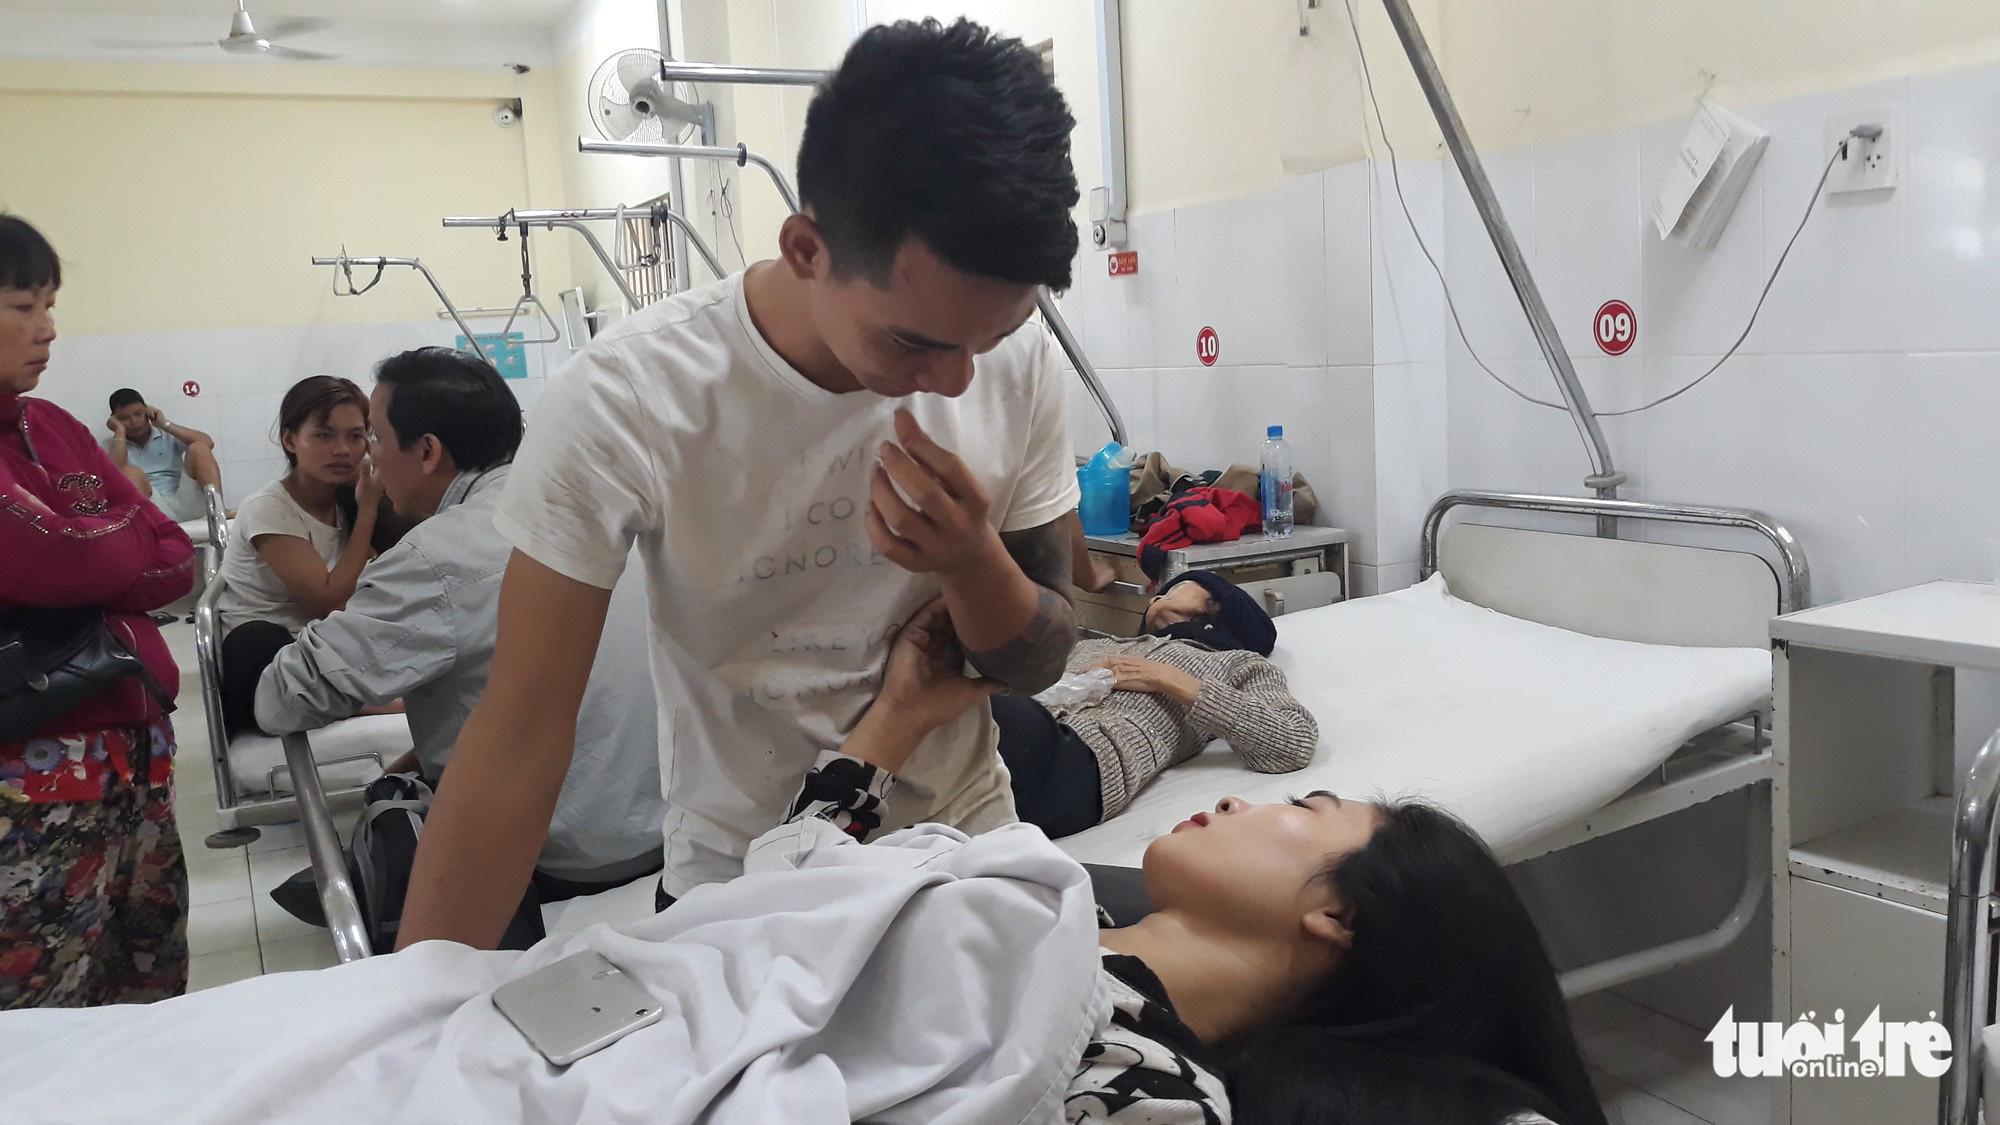 """Vụ lật xe khách ở Khánh Hòa: """"Gãy xương sườn nhưng tôi tìm vợ trước tiên"""" - Ảnh 2."""